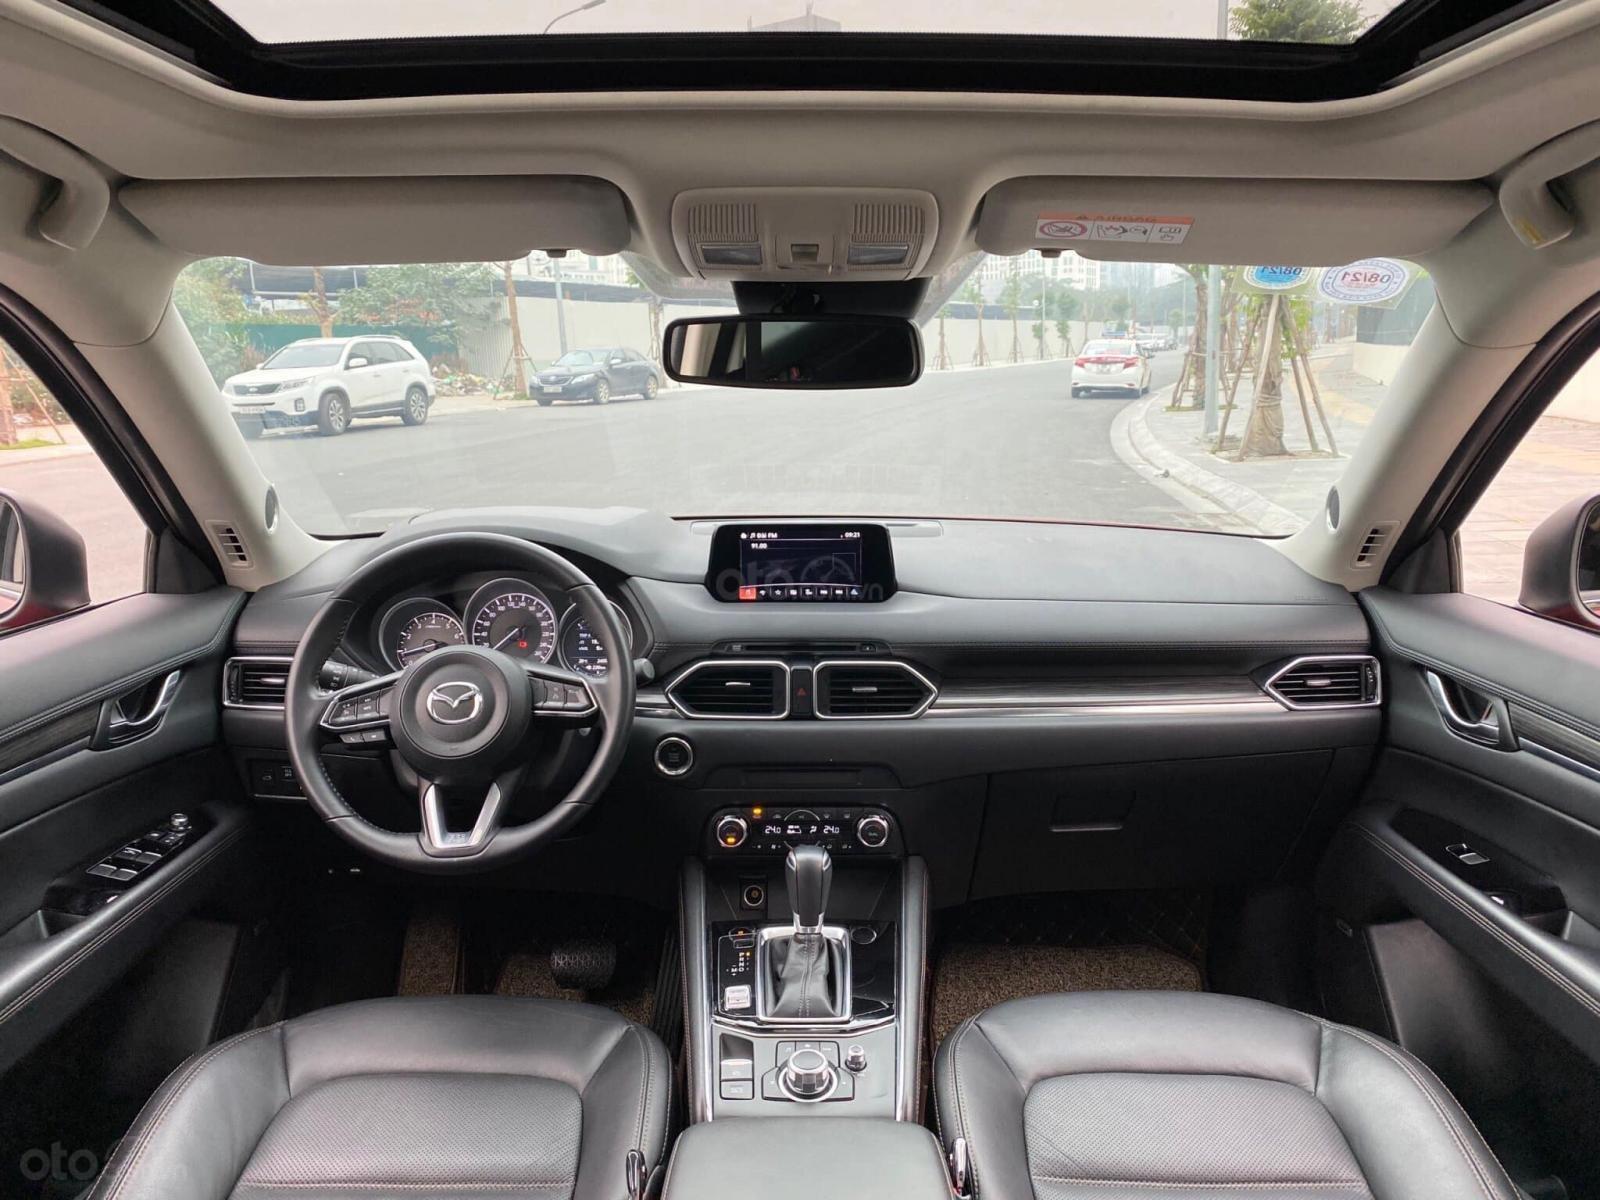 Bán Mazda CX5 2.5L sản xuất 2019 màu đỏ pha lê. Đi 46000km siêu lướt, còn nguyên mùi xe mới, giá tốt (14)